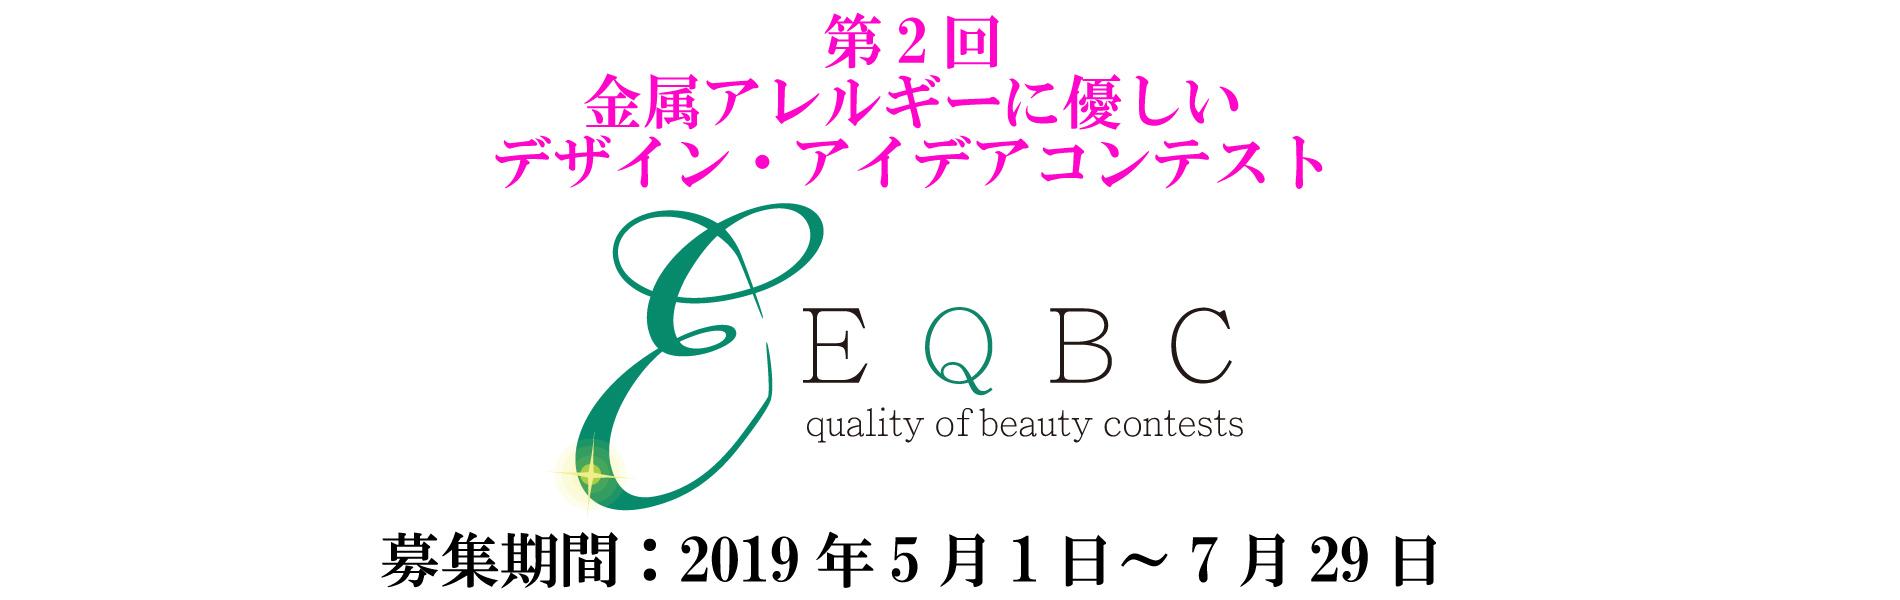 第2回EQBC金属アレルギーコンテスト公式サイトへ